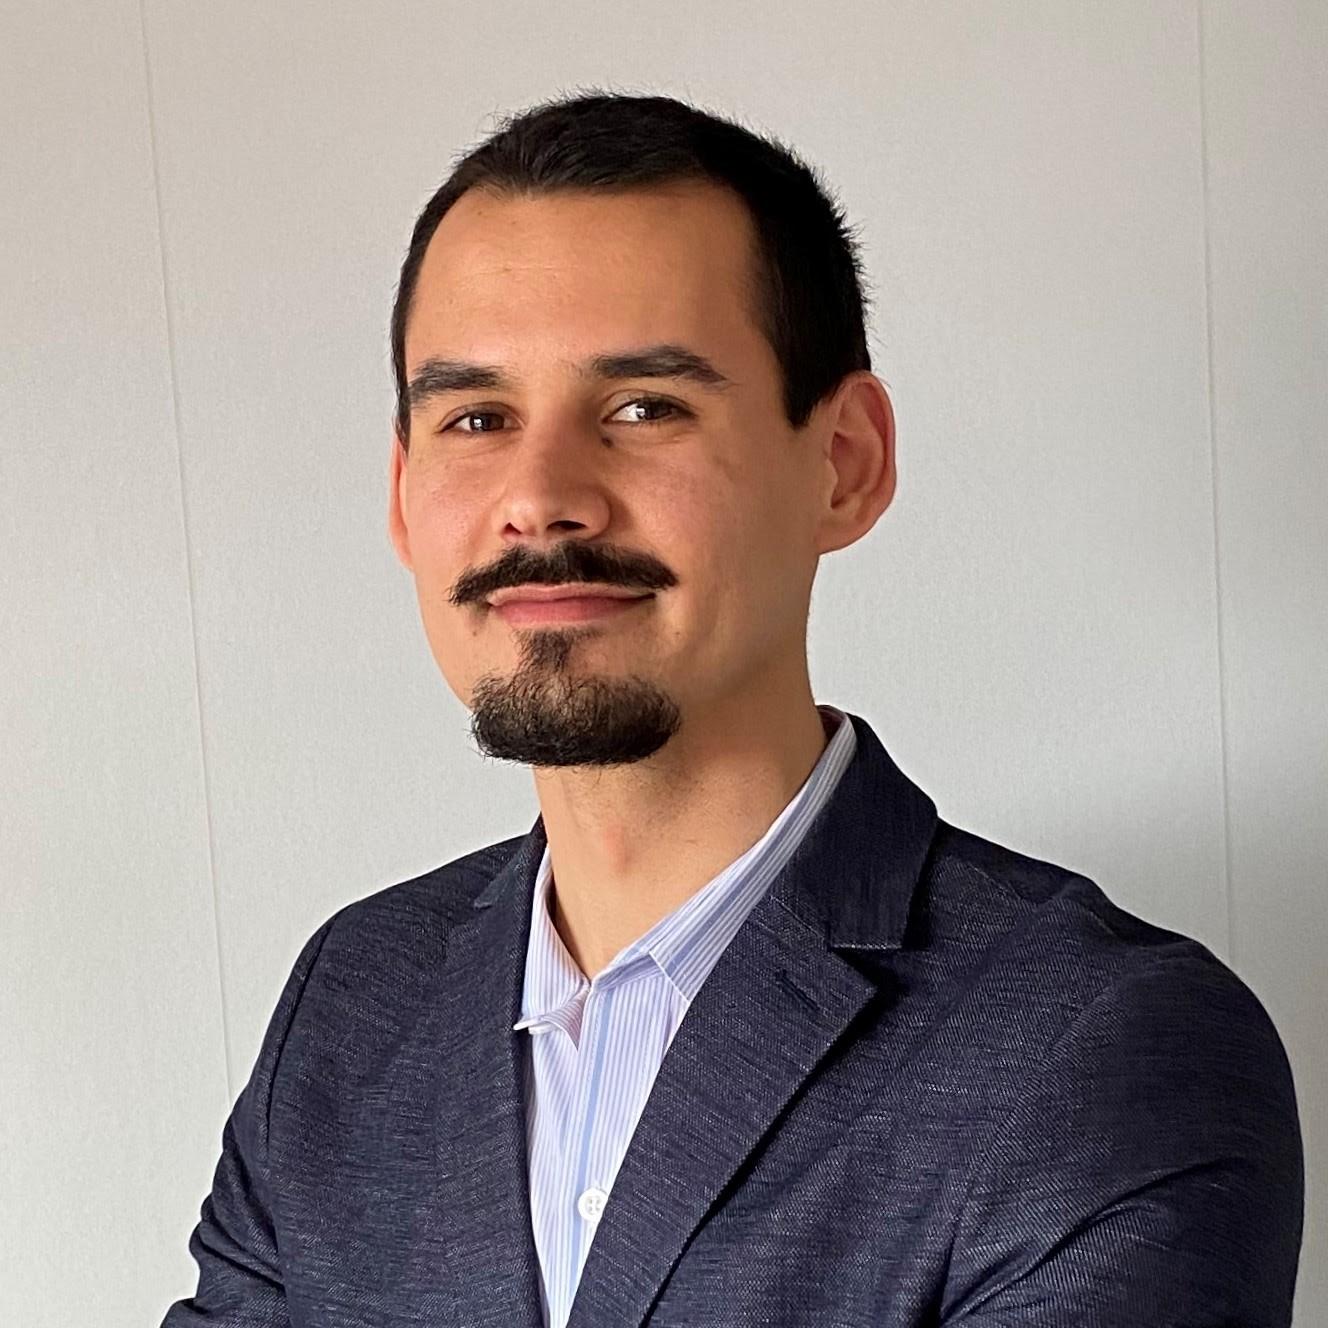 Antonio Mires Valdez